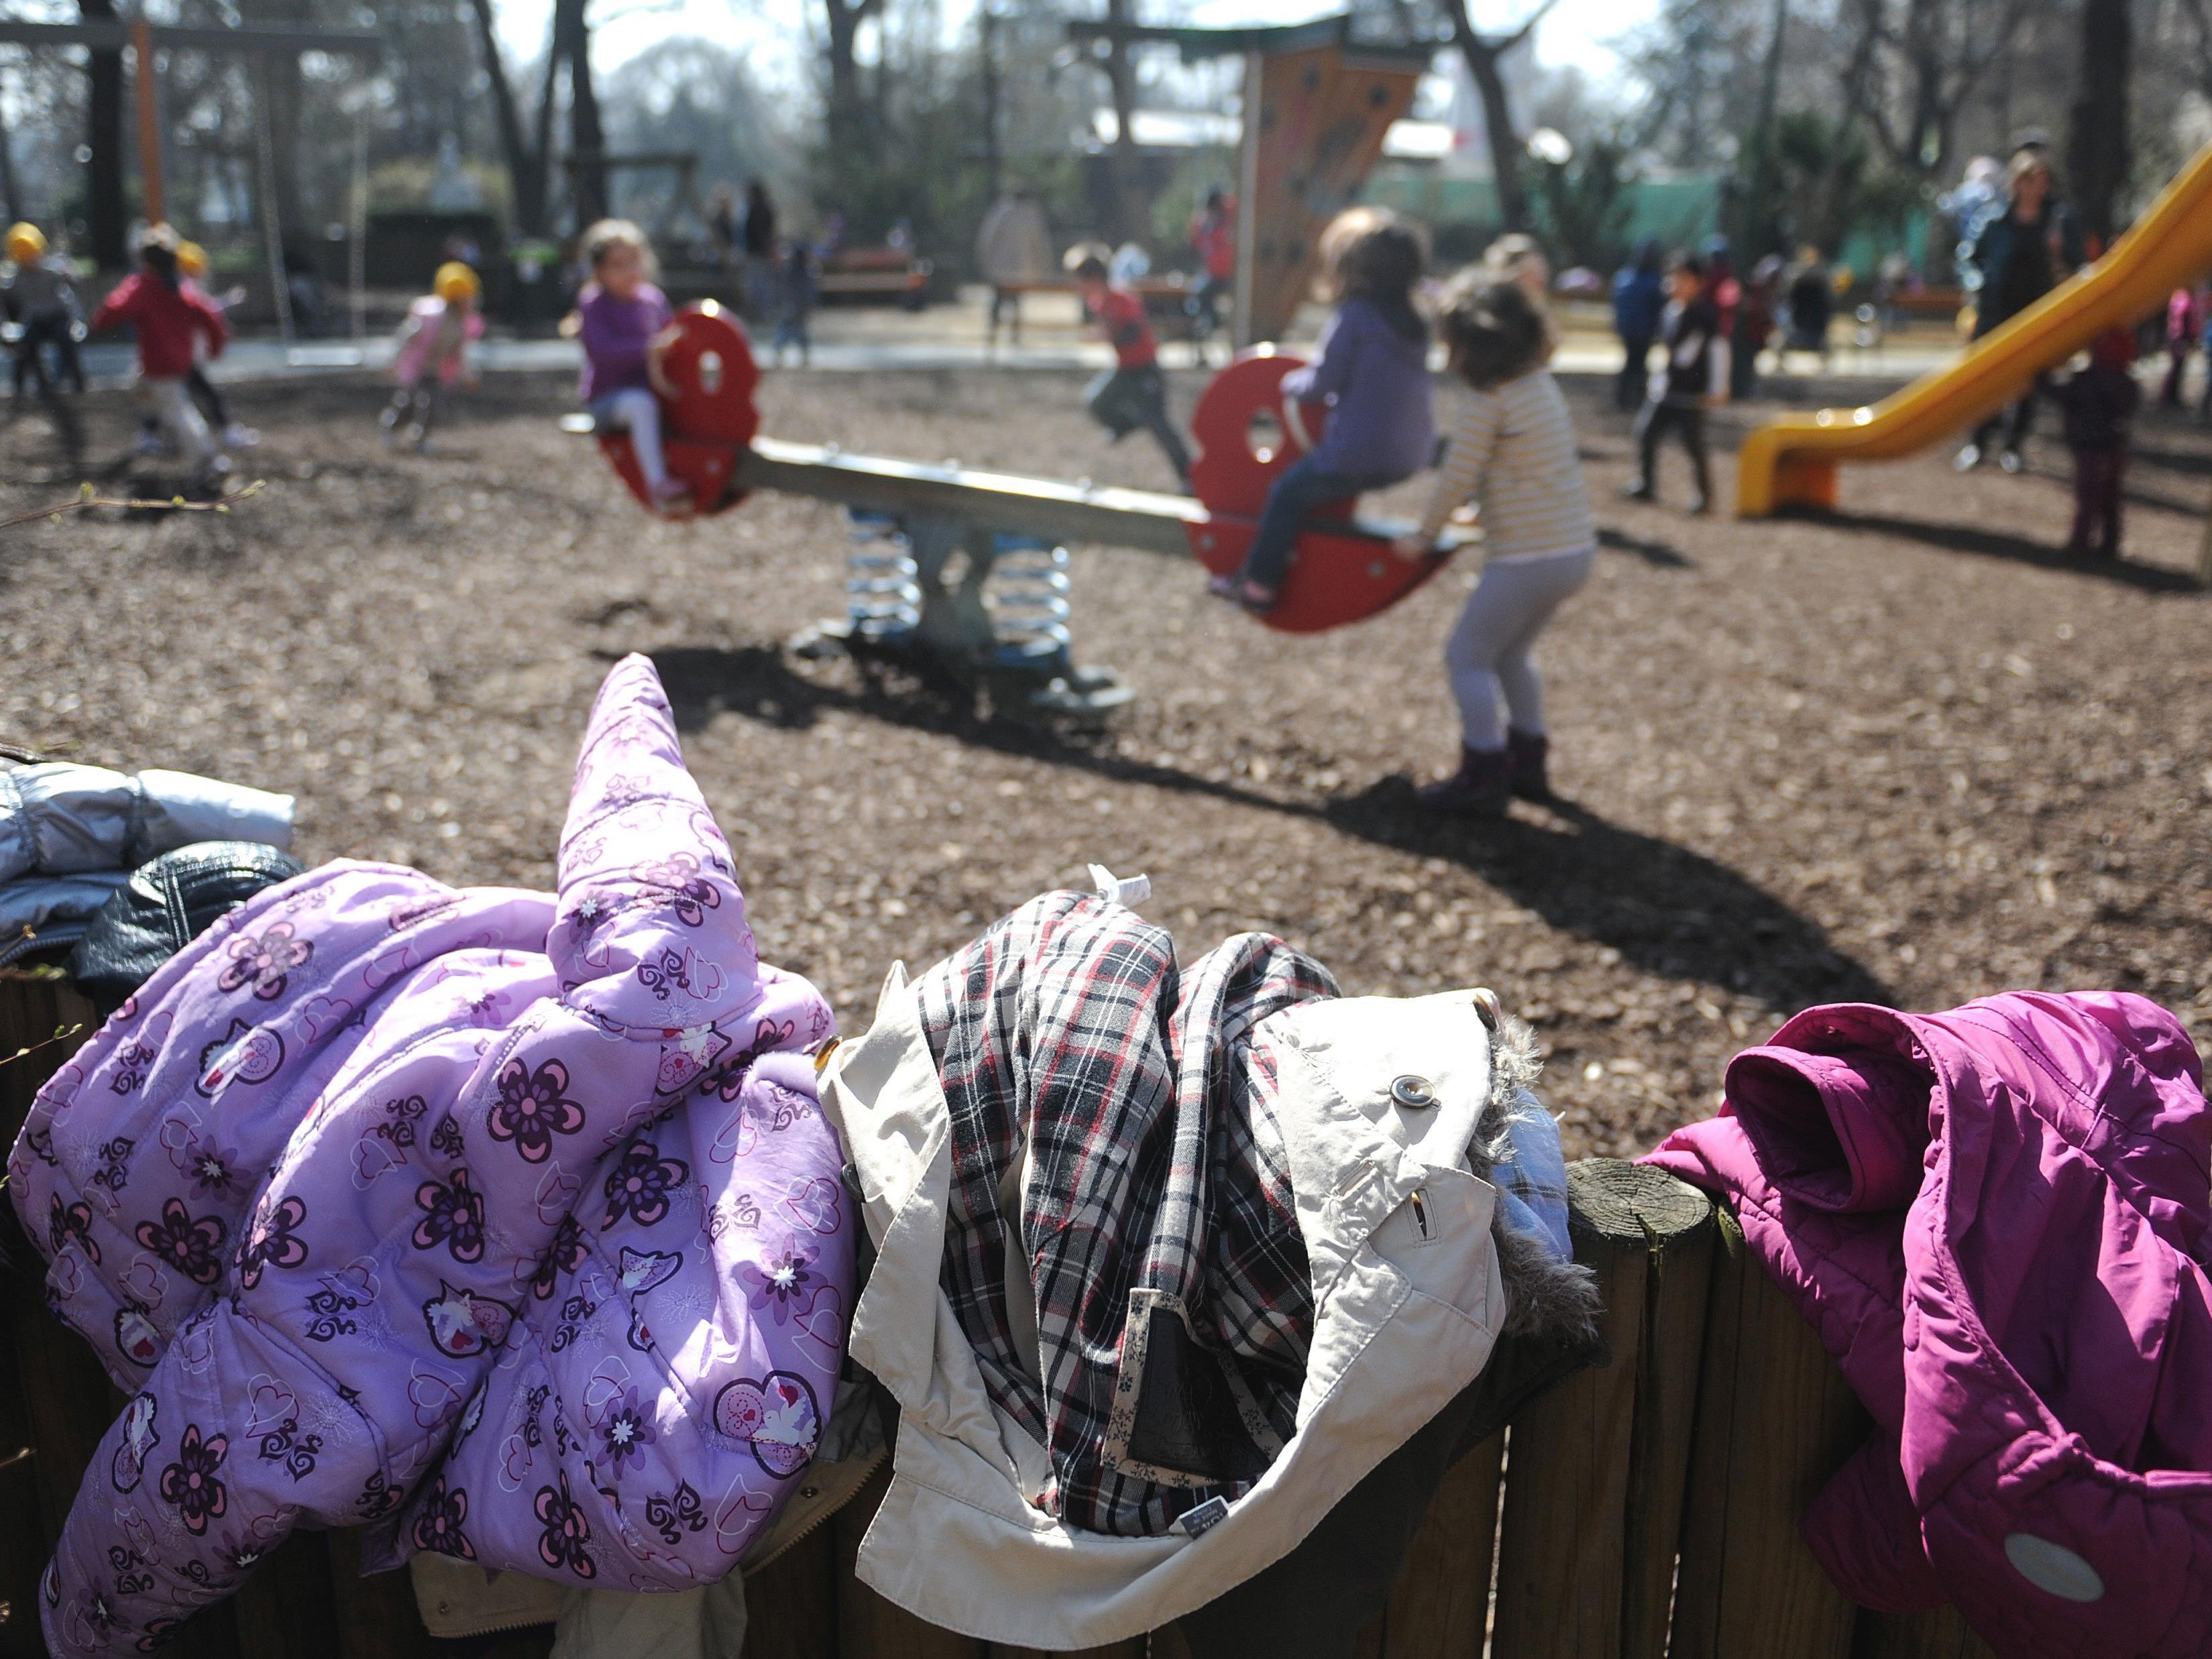 Der Mann onanierte, während er die Kinder am Spielplatz beobachtete.